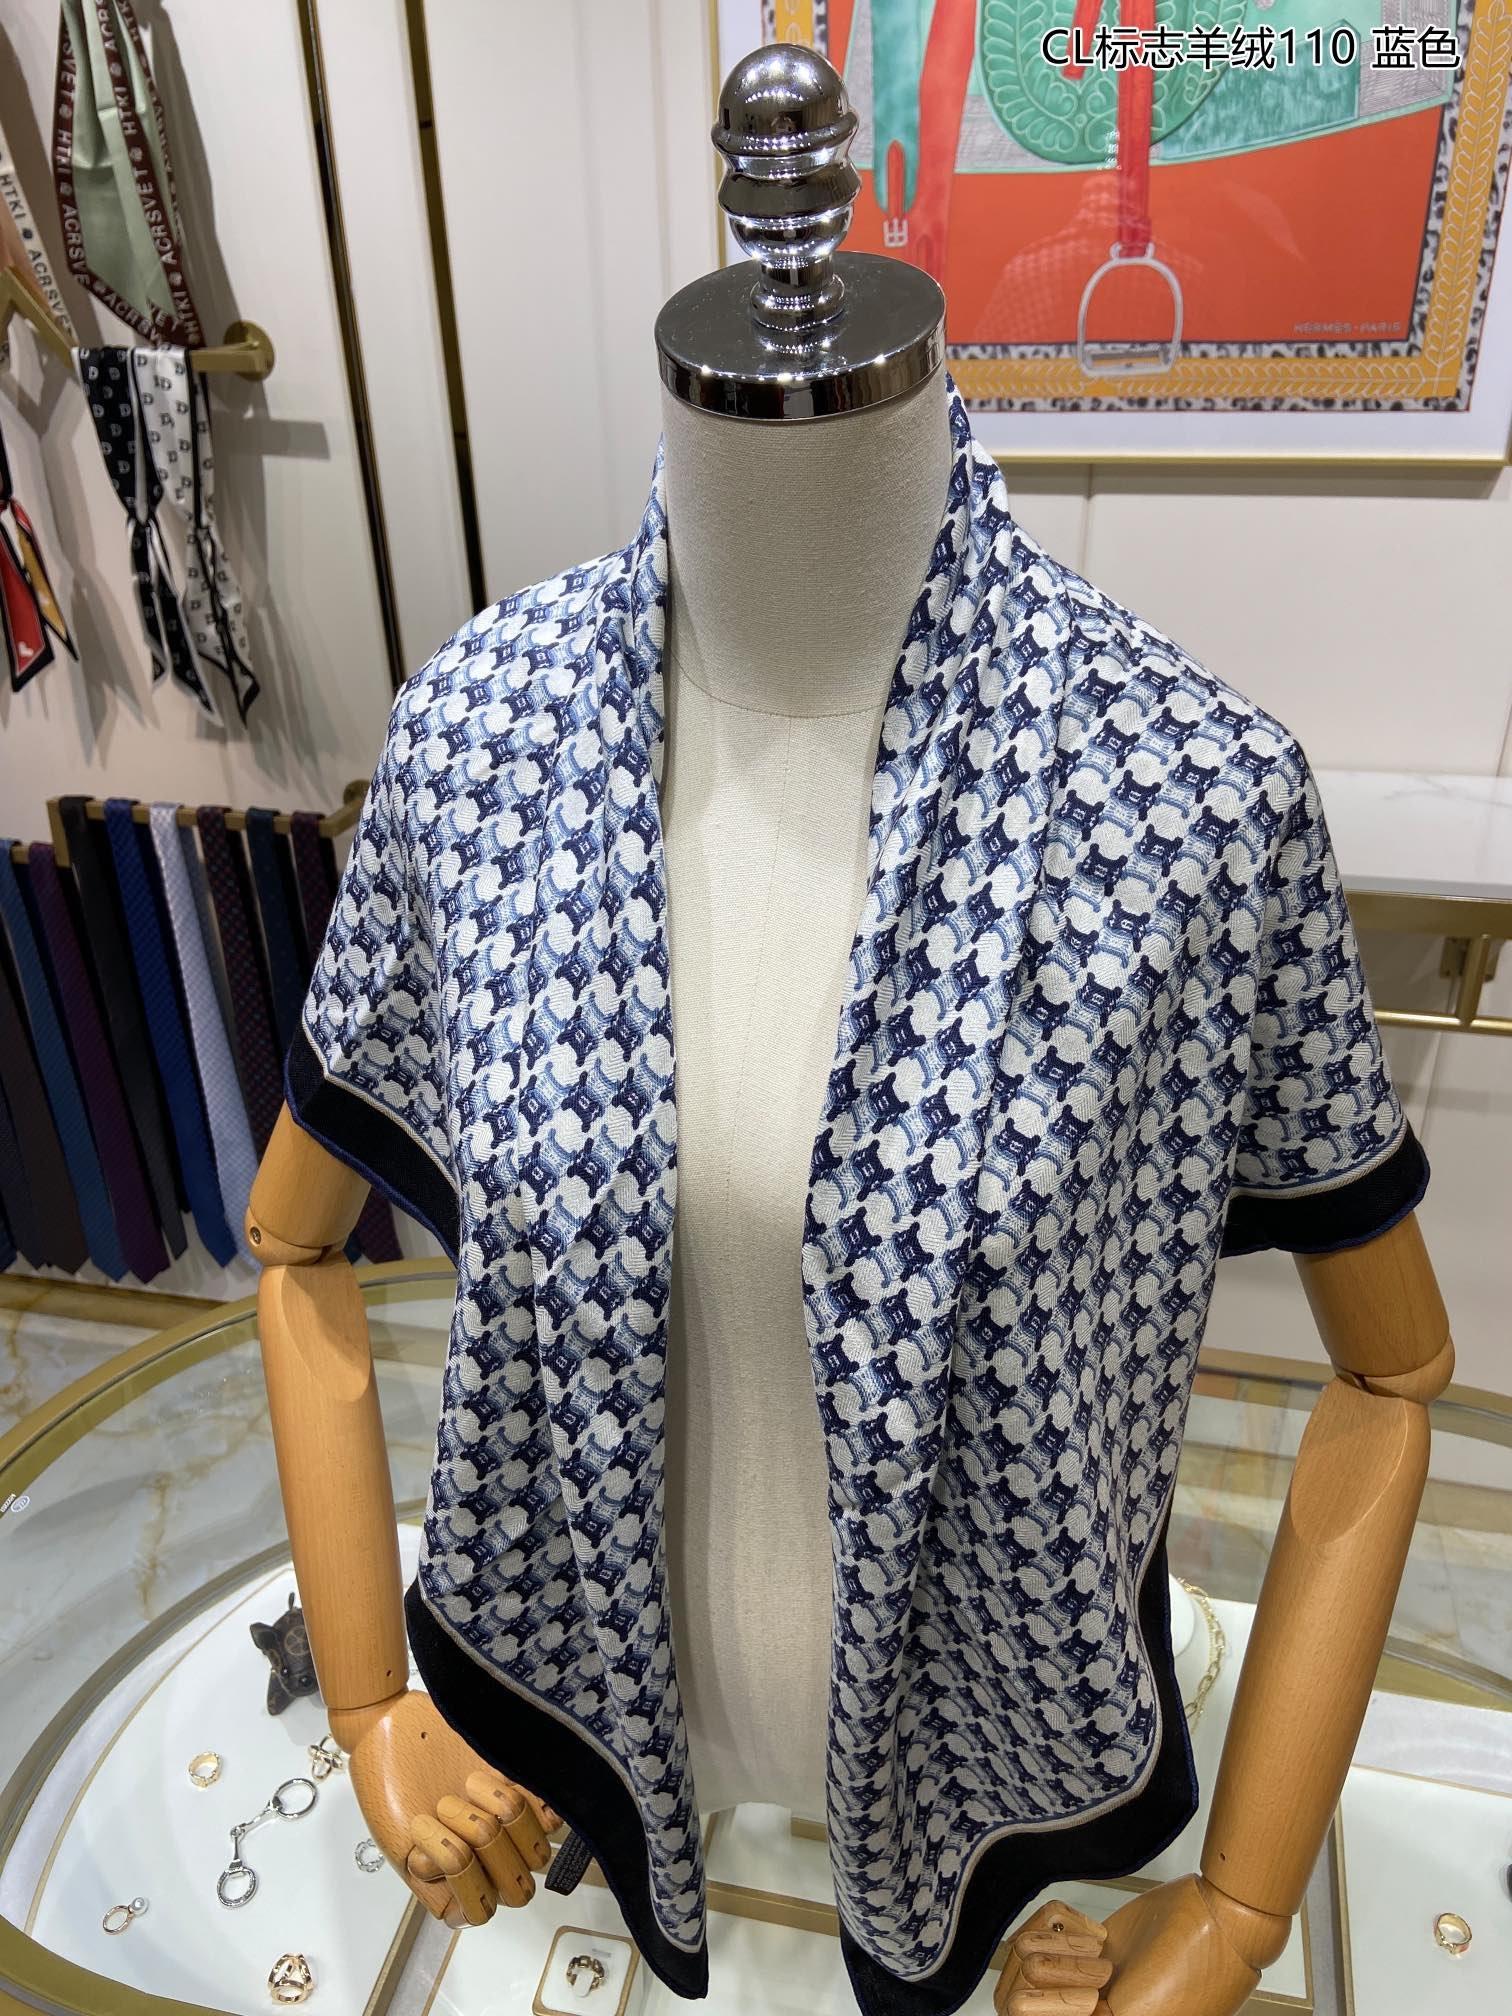 新款瑟琳CL标志羊绒110羊绒方巾抢